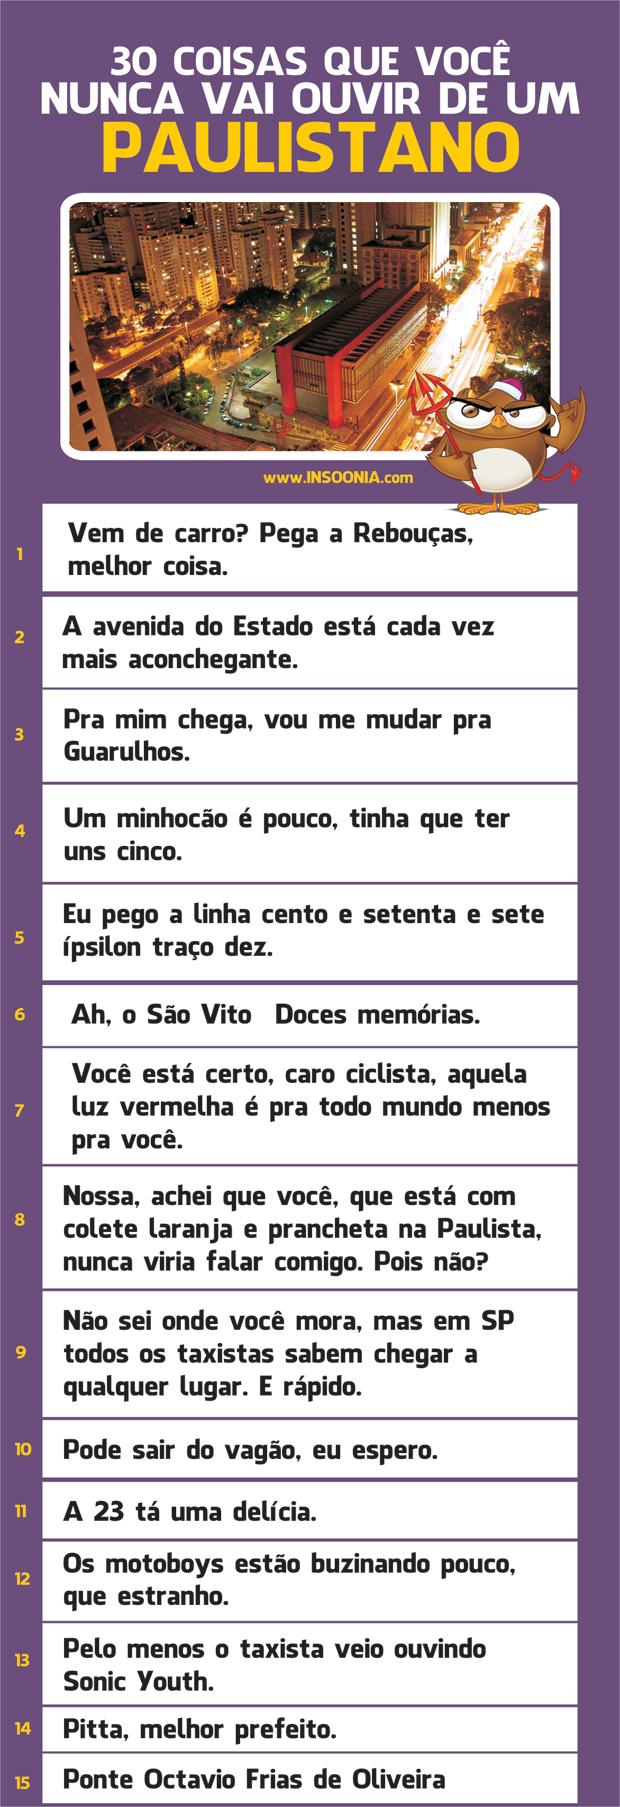 30_coisas_paulistano